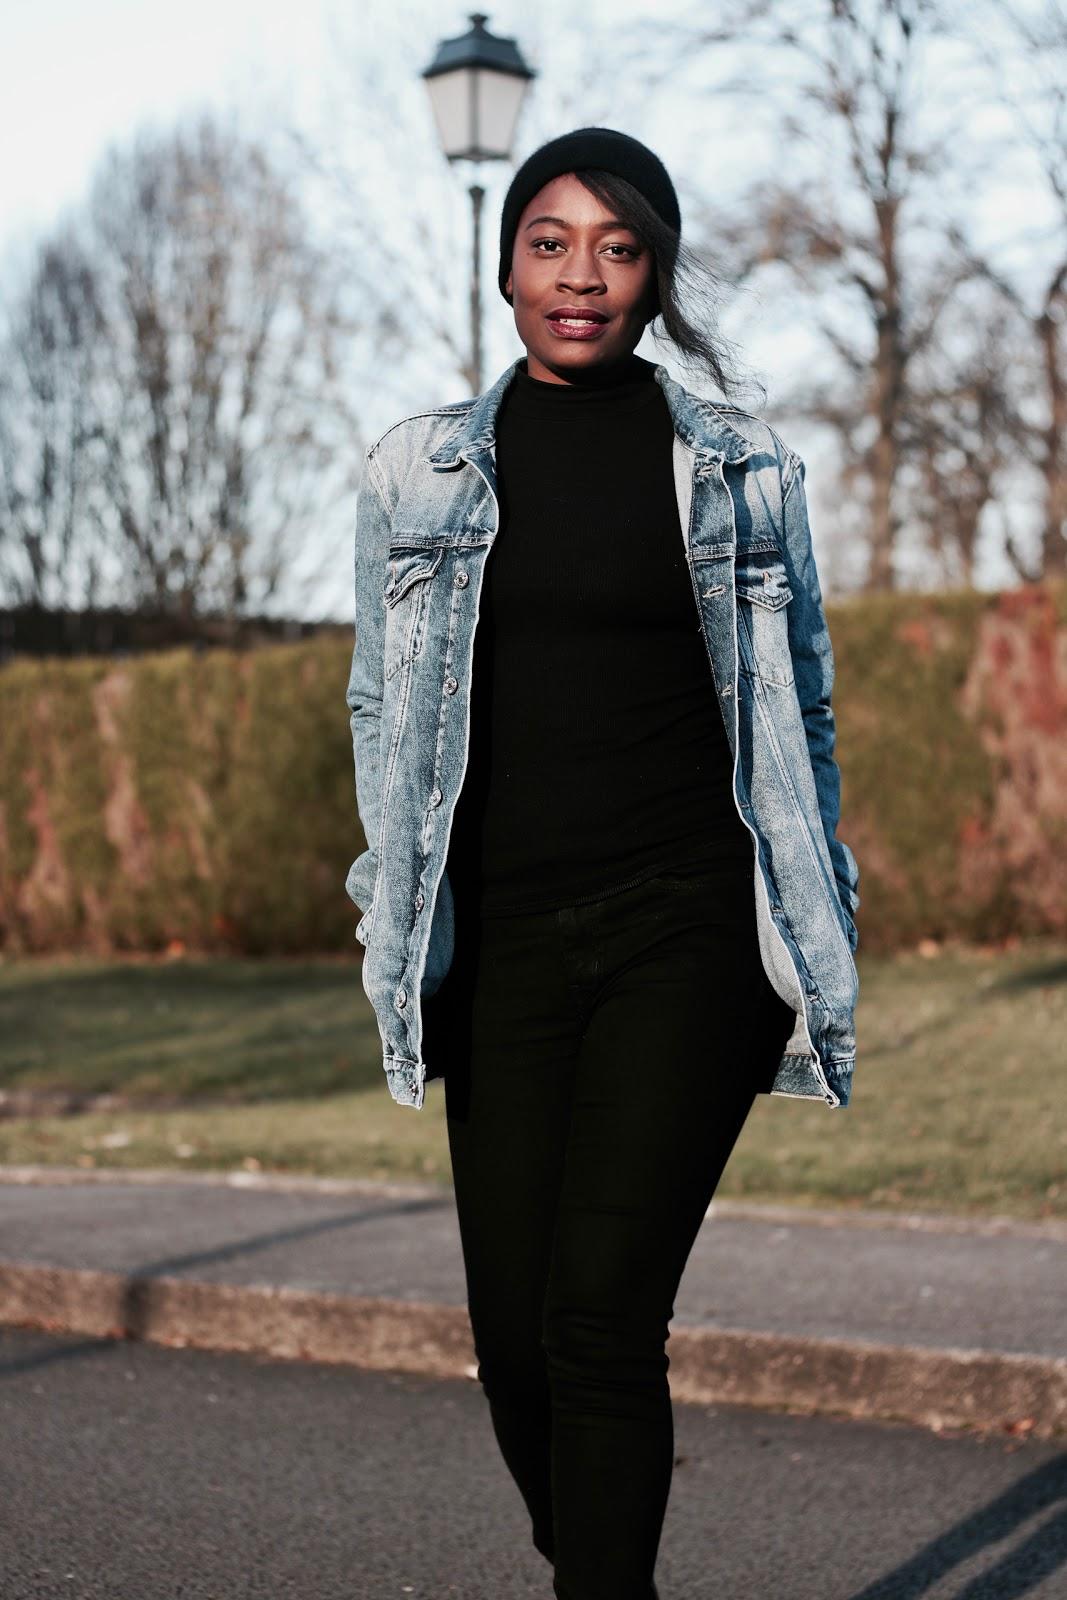 comment-porter-la-veste-en-jeans-en-hiver